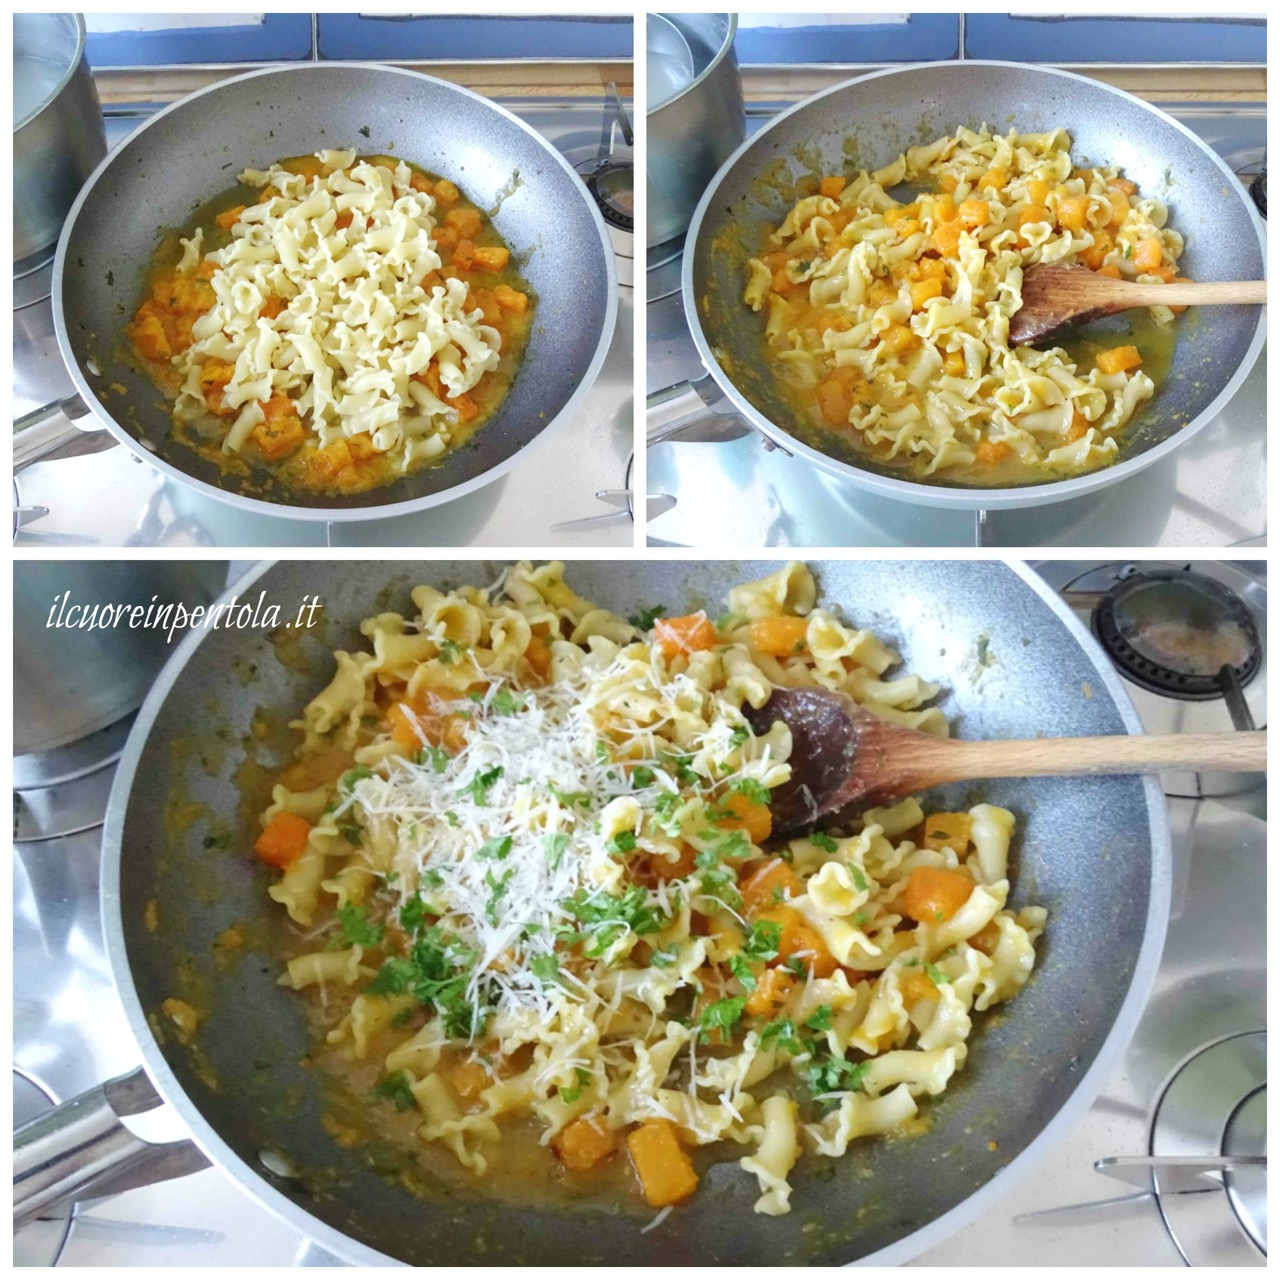 mantecare pasta e zucca